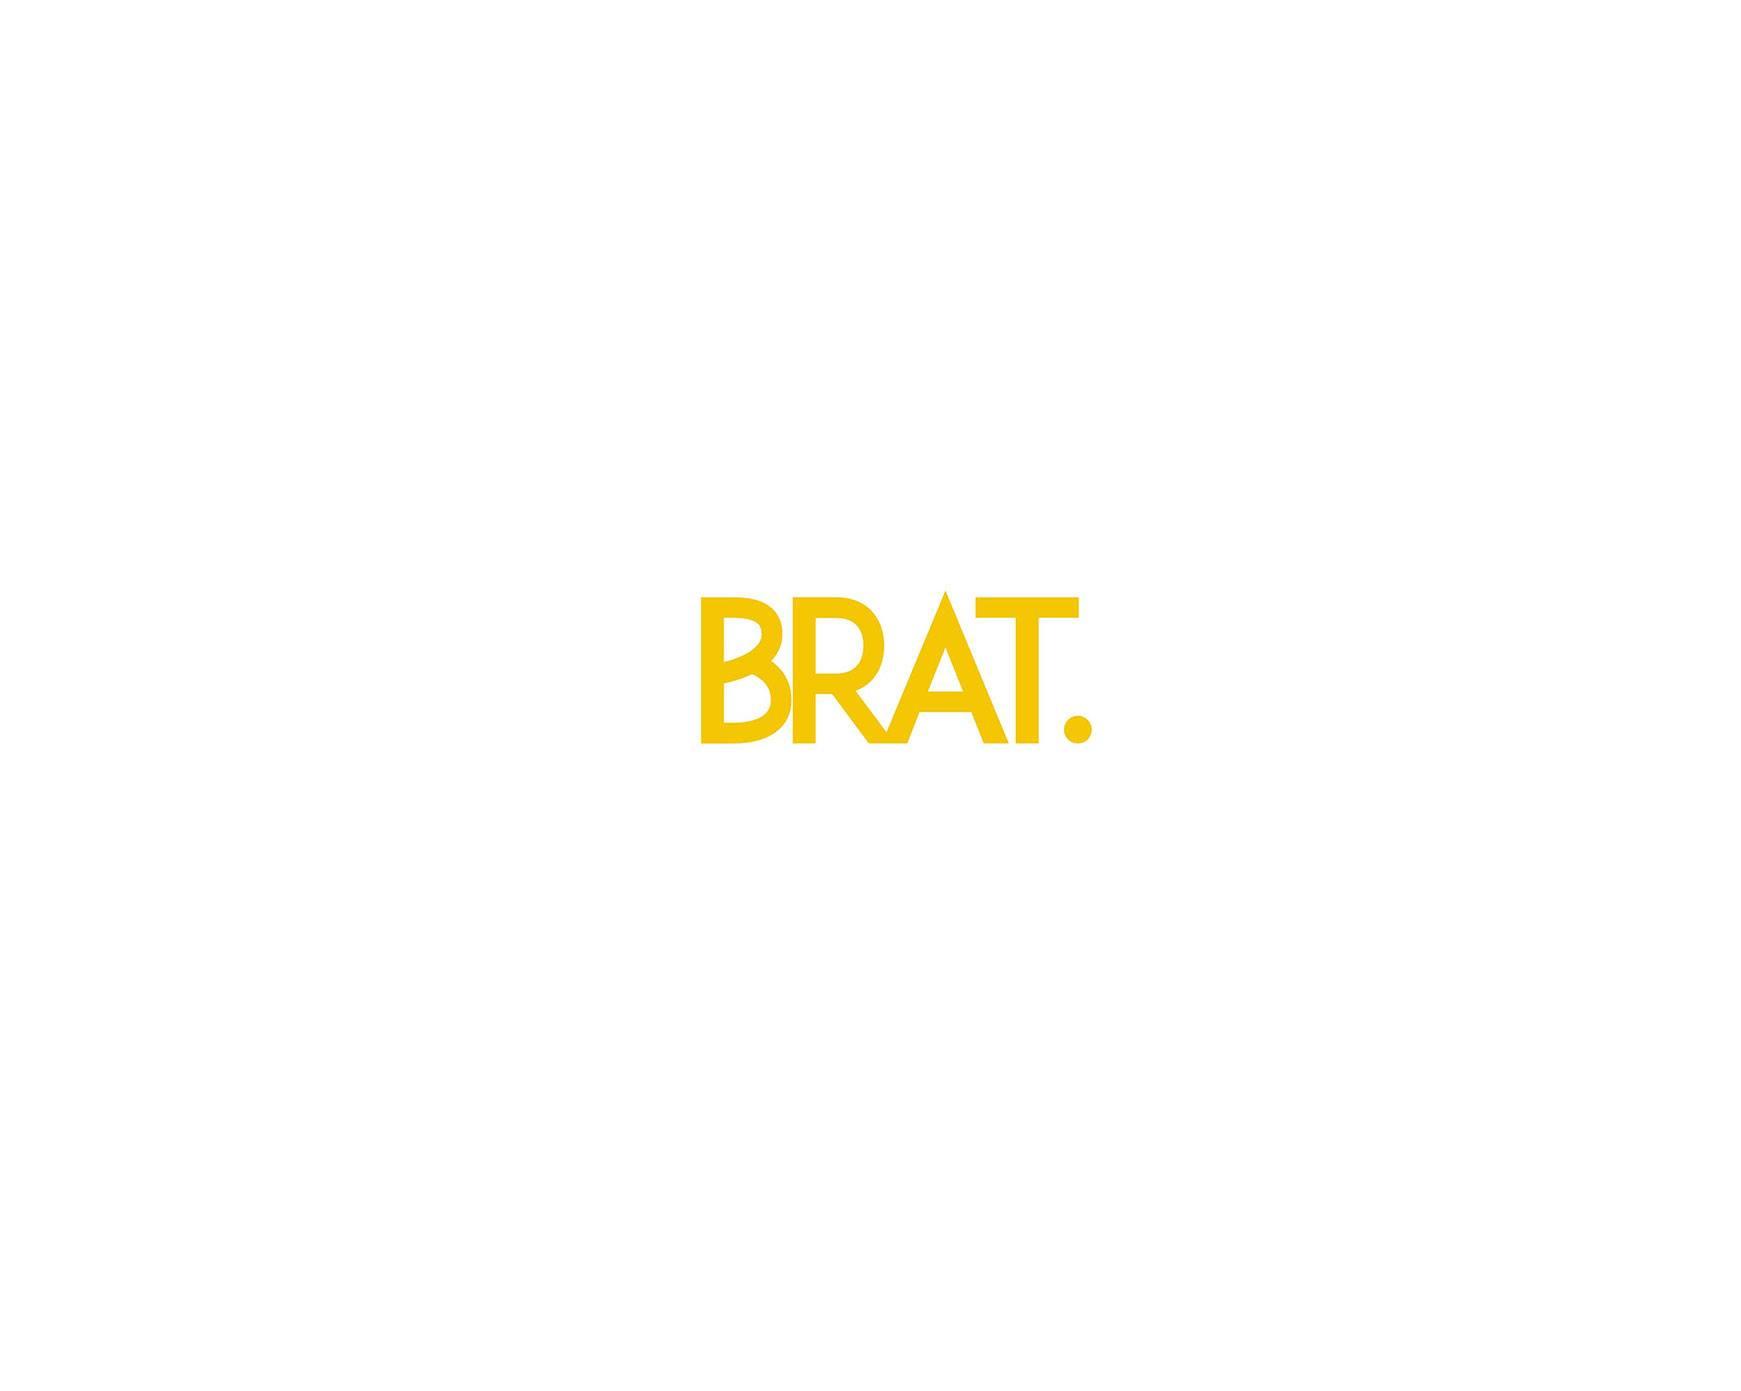 BRAT-ROMPER